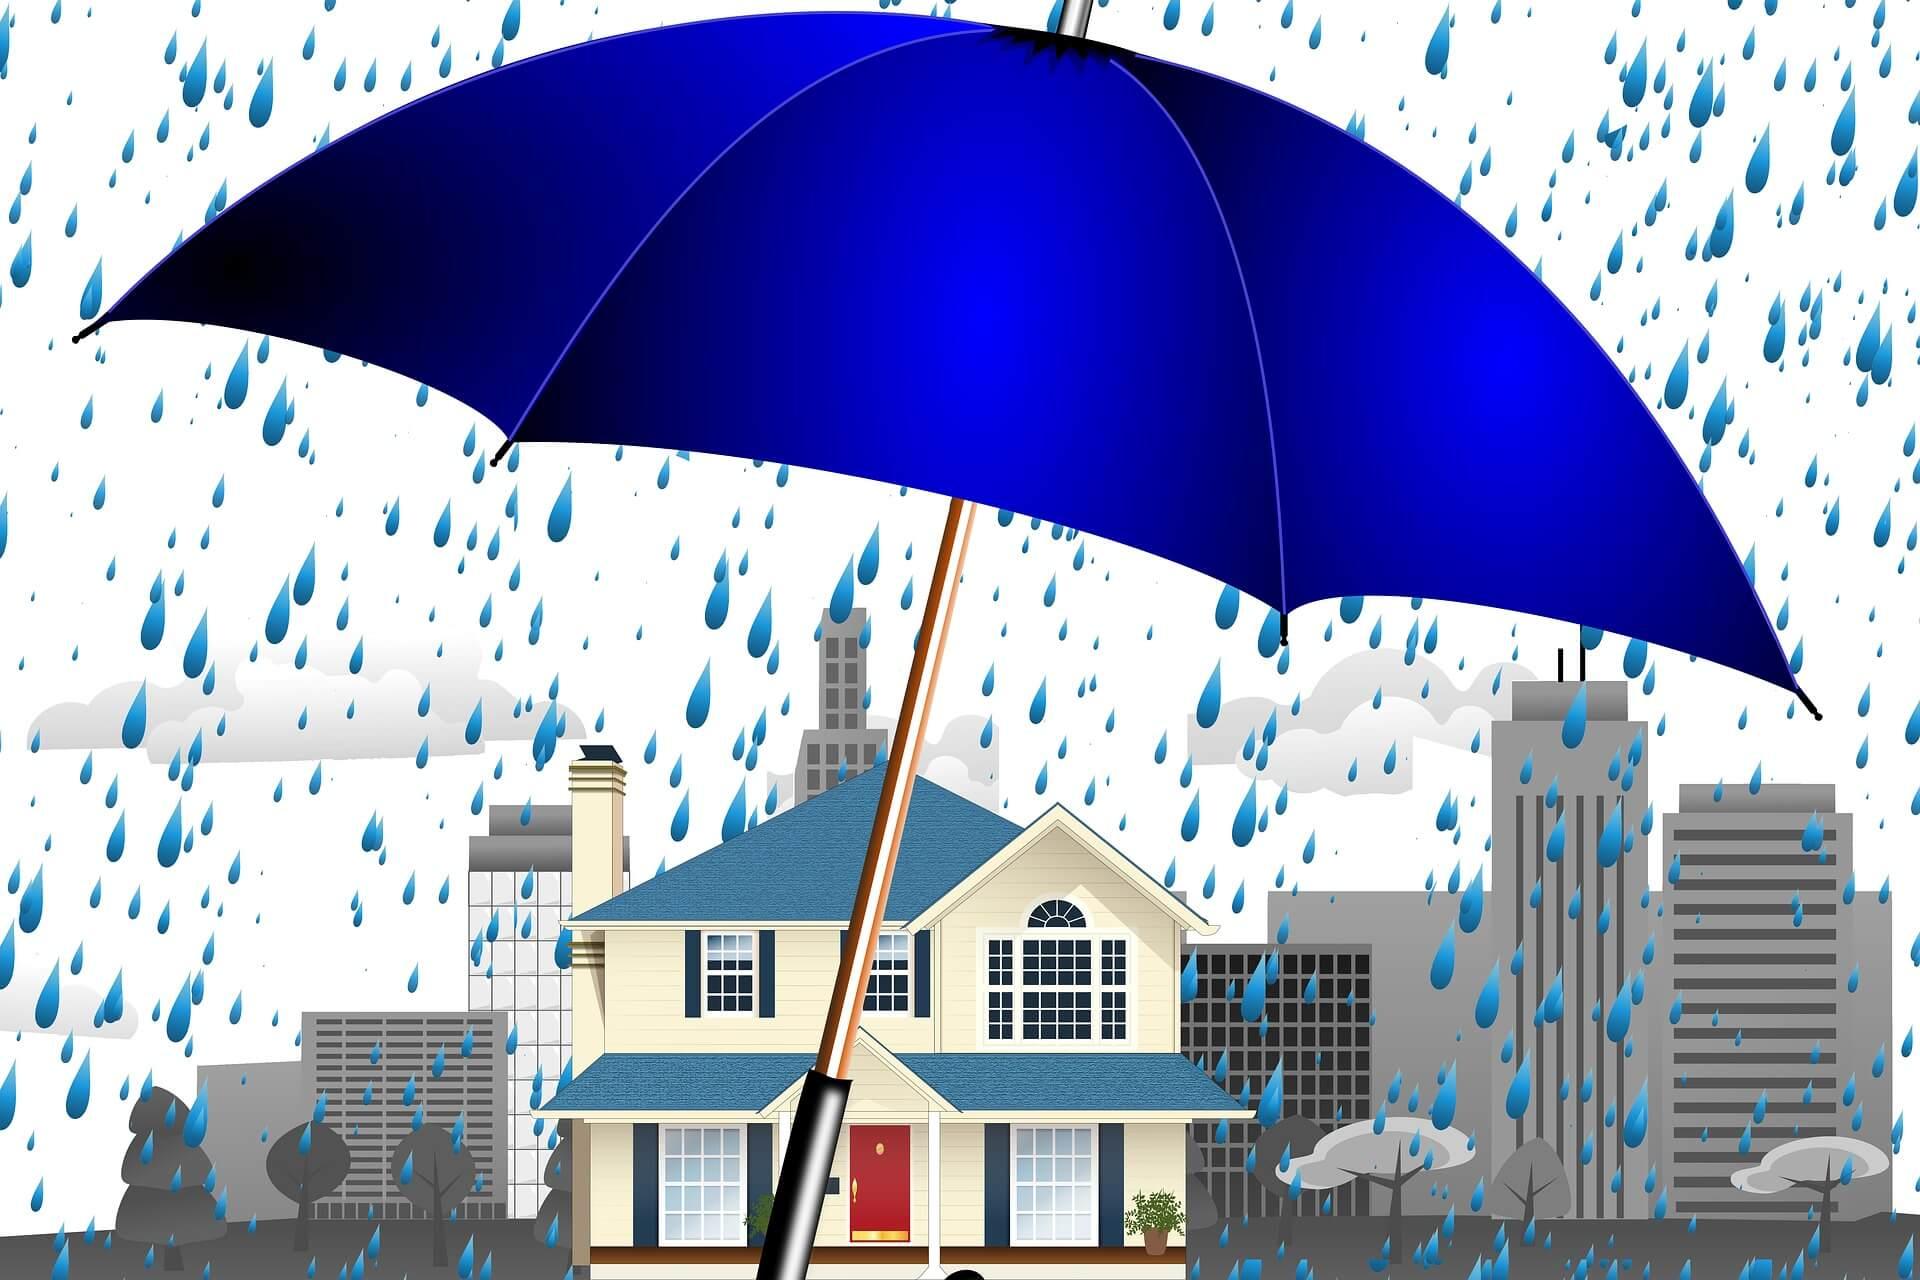 Haus wird durch Regenschirm vor Feuchtigkeit geschützt